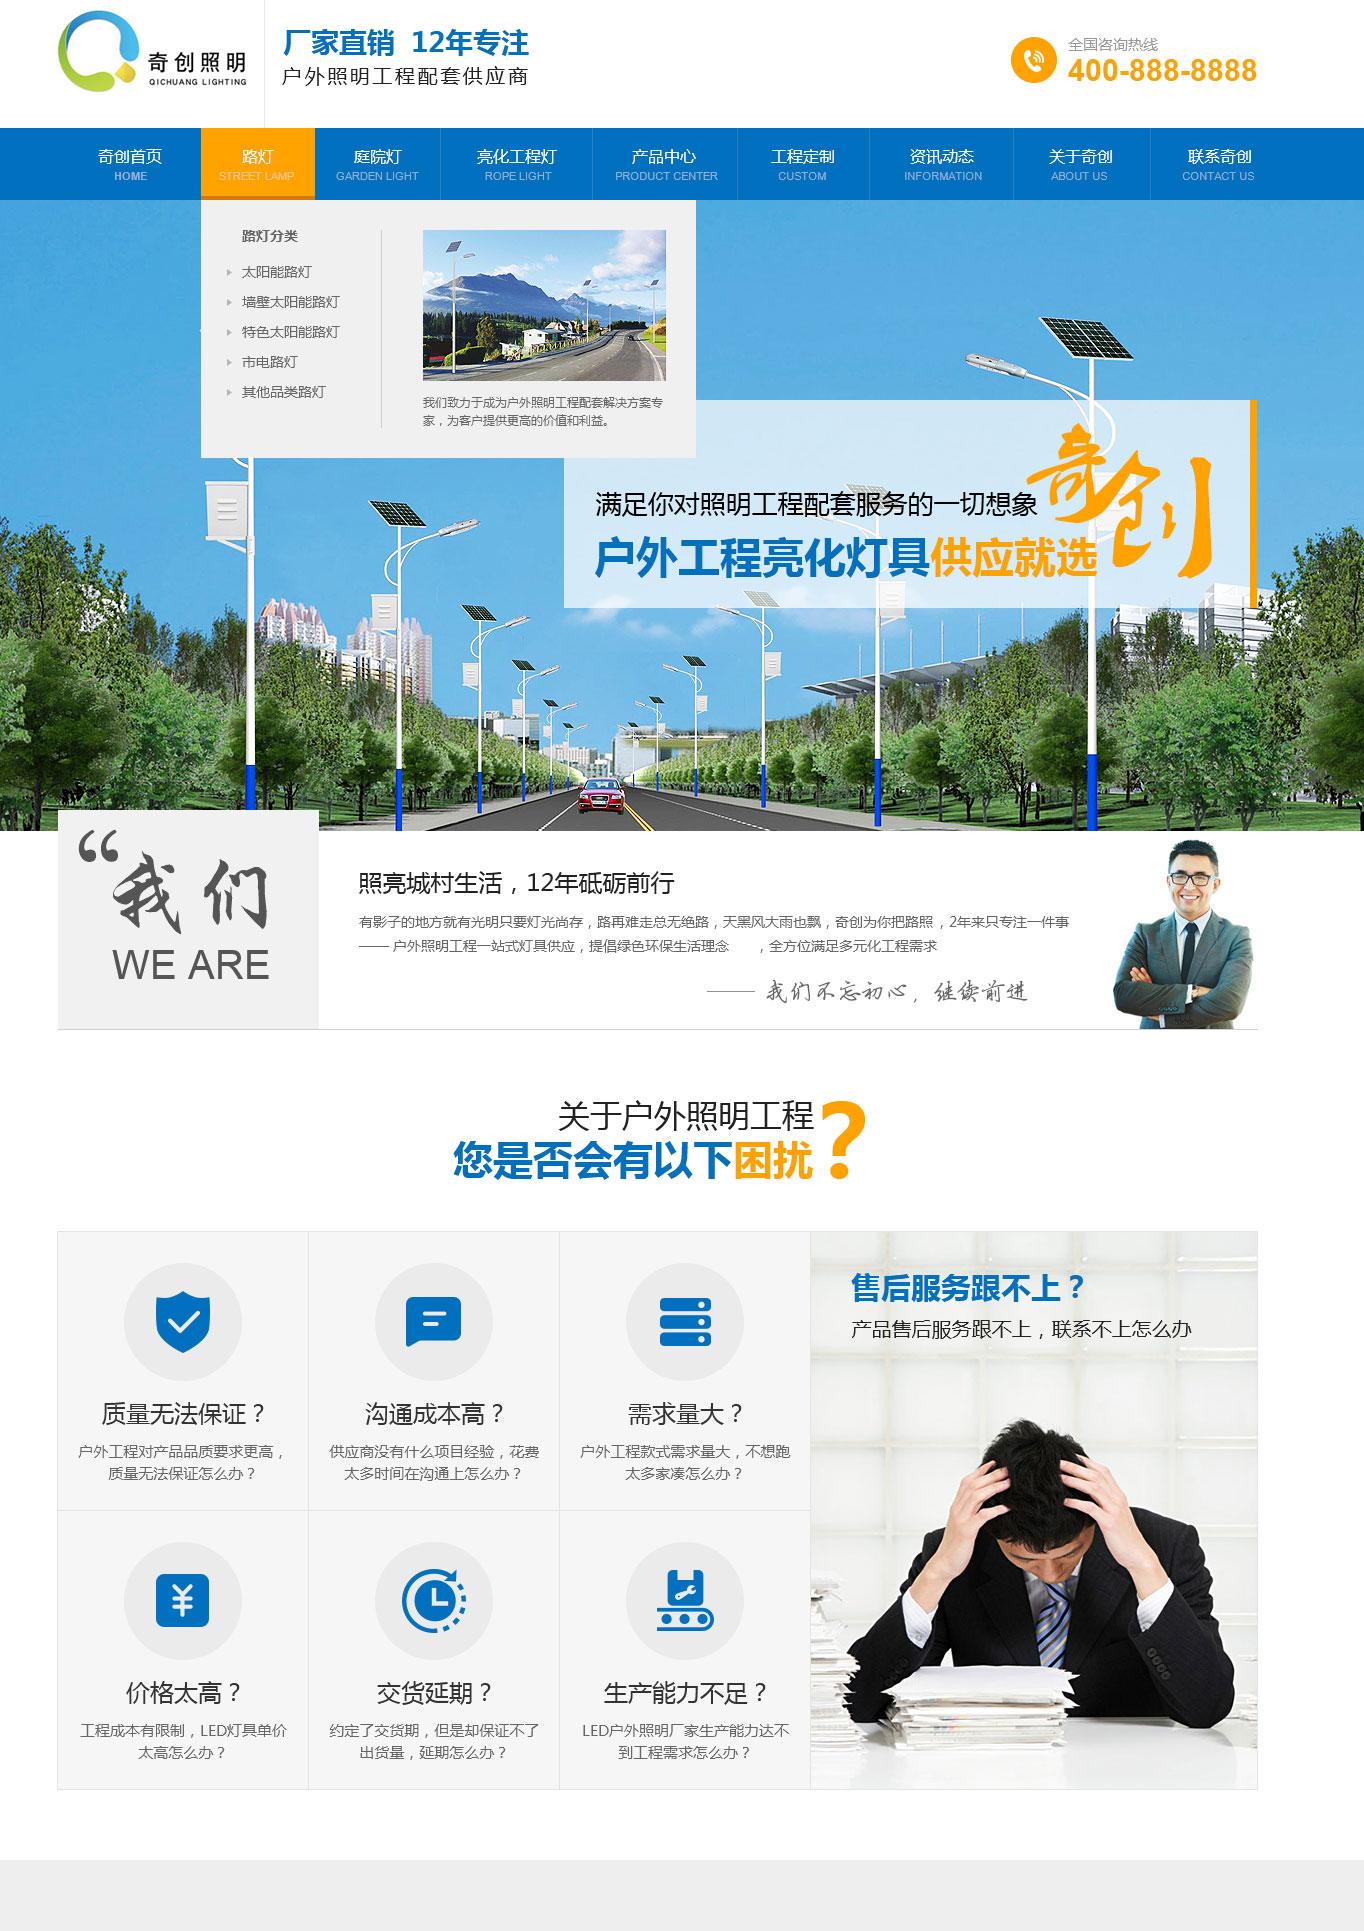 营销型网站案例-奇创照明